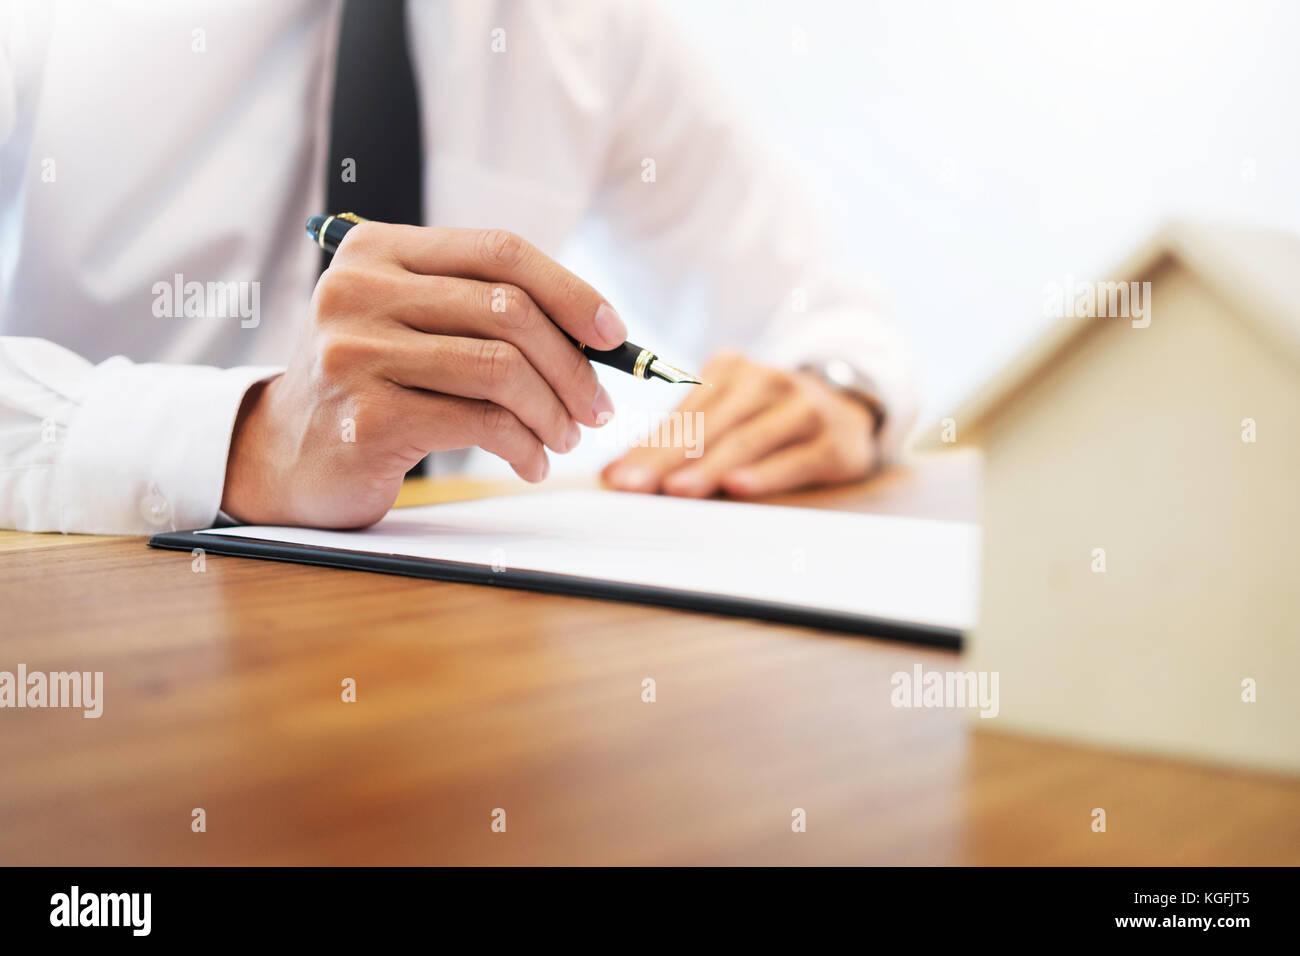 Der Kunde Unterschreibt Vertrag Vereinbarten Bedingungen Und